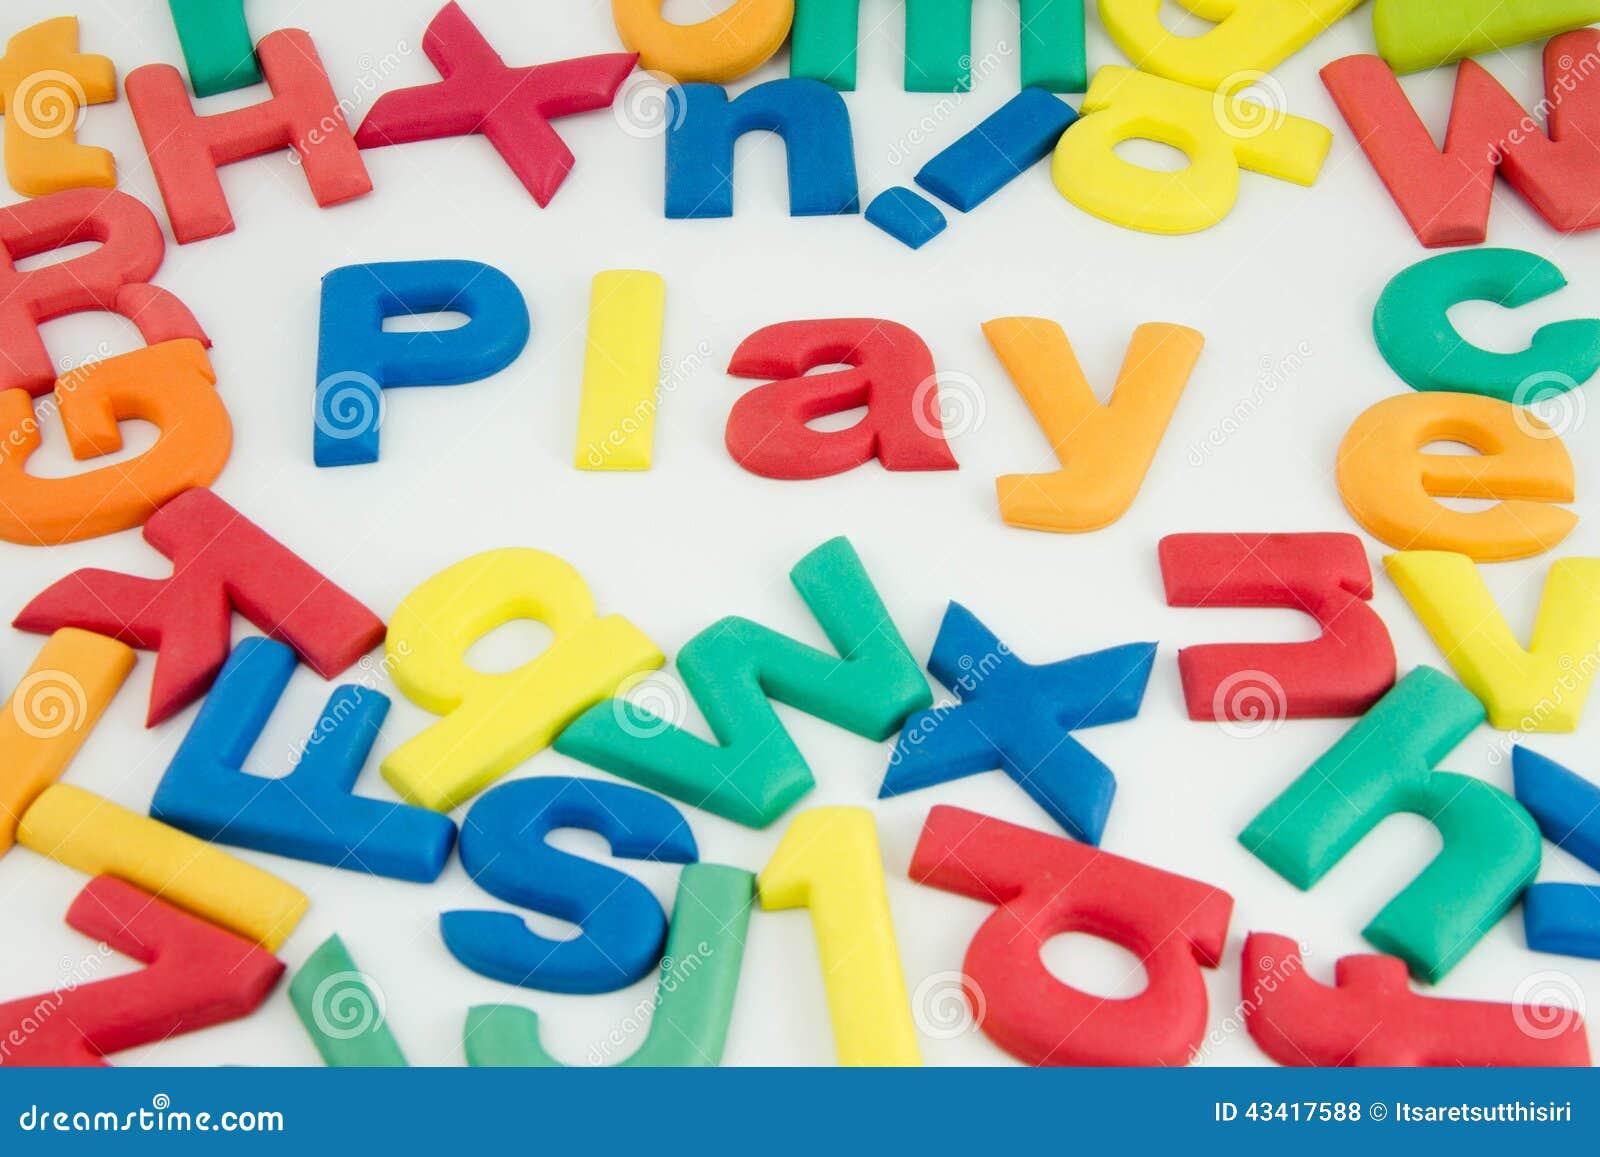 playing the language game